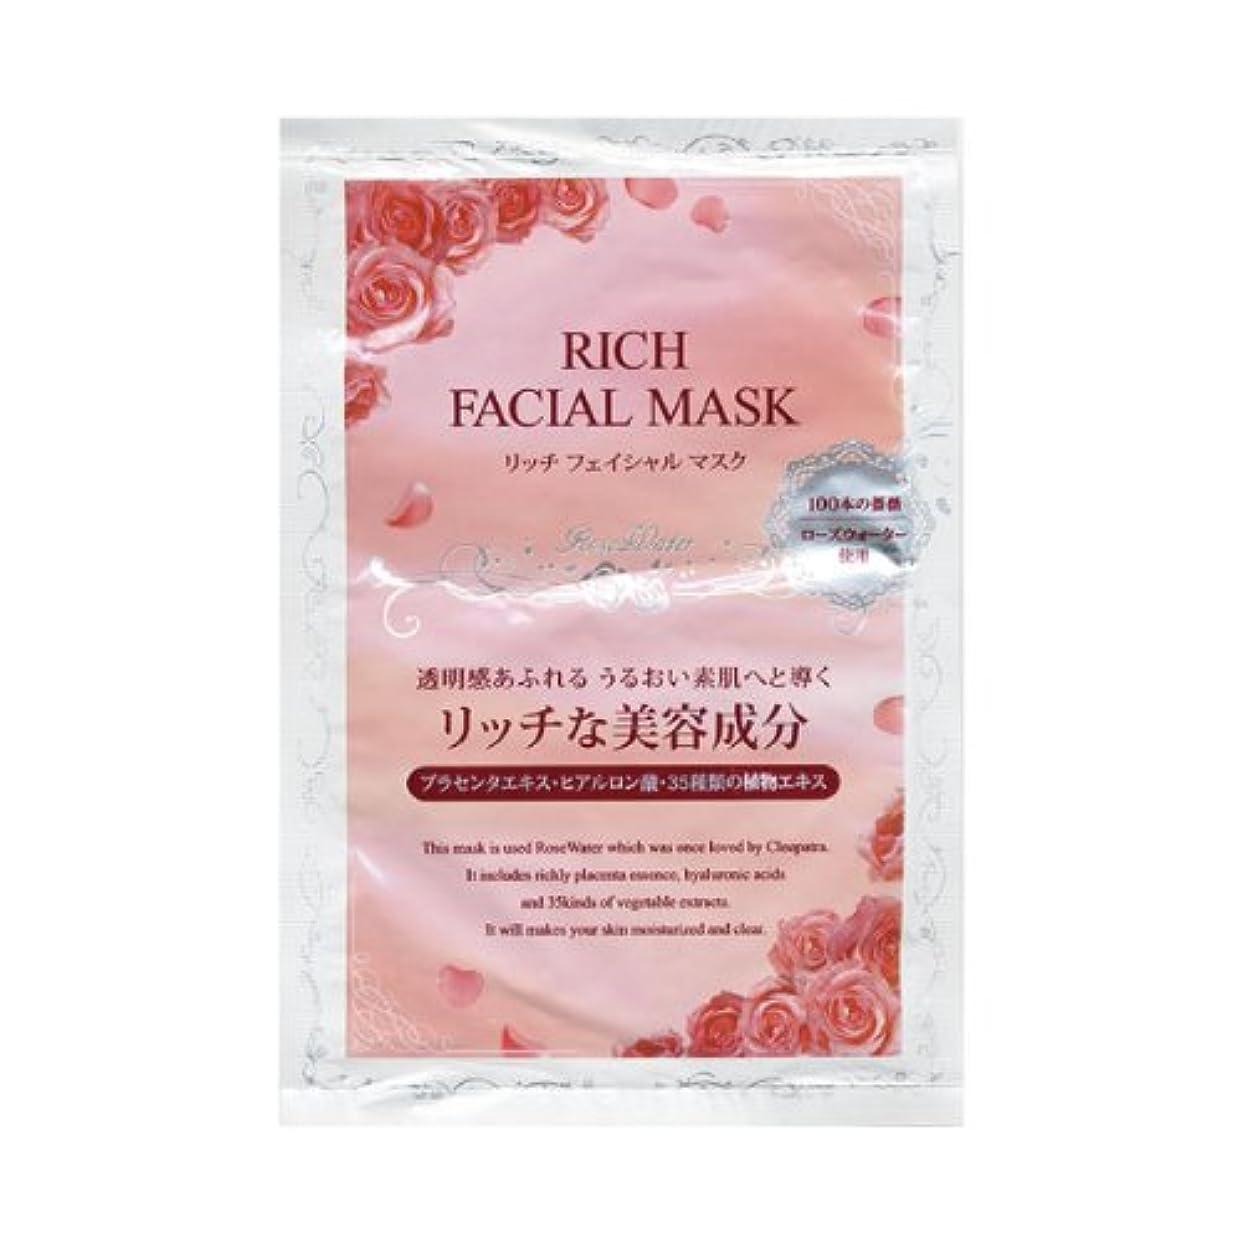 訴える製品農業のリッチフェイシャルマスク 10枚